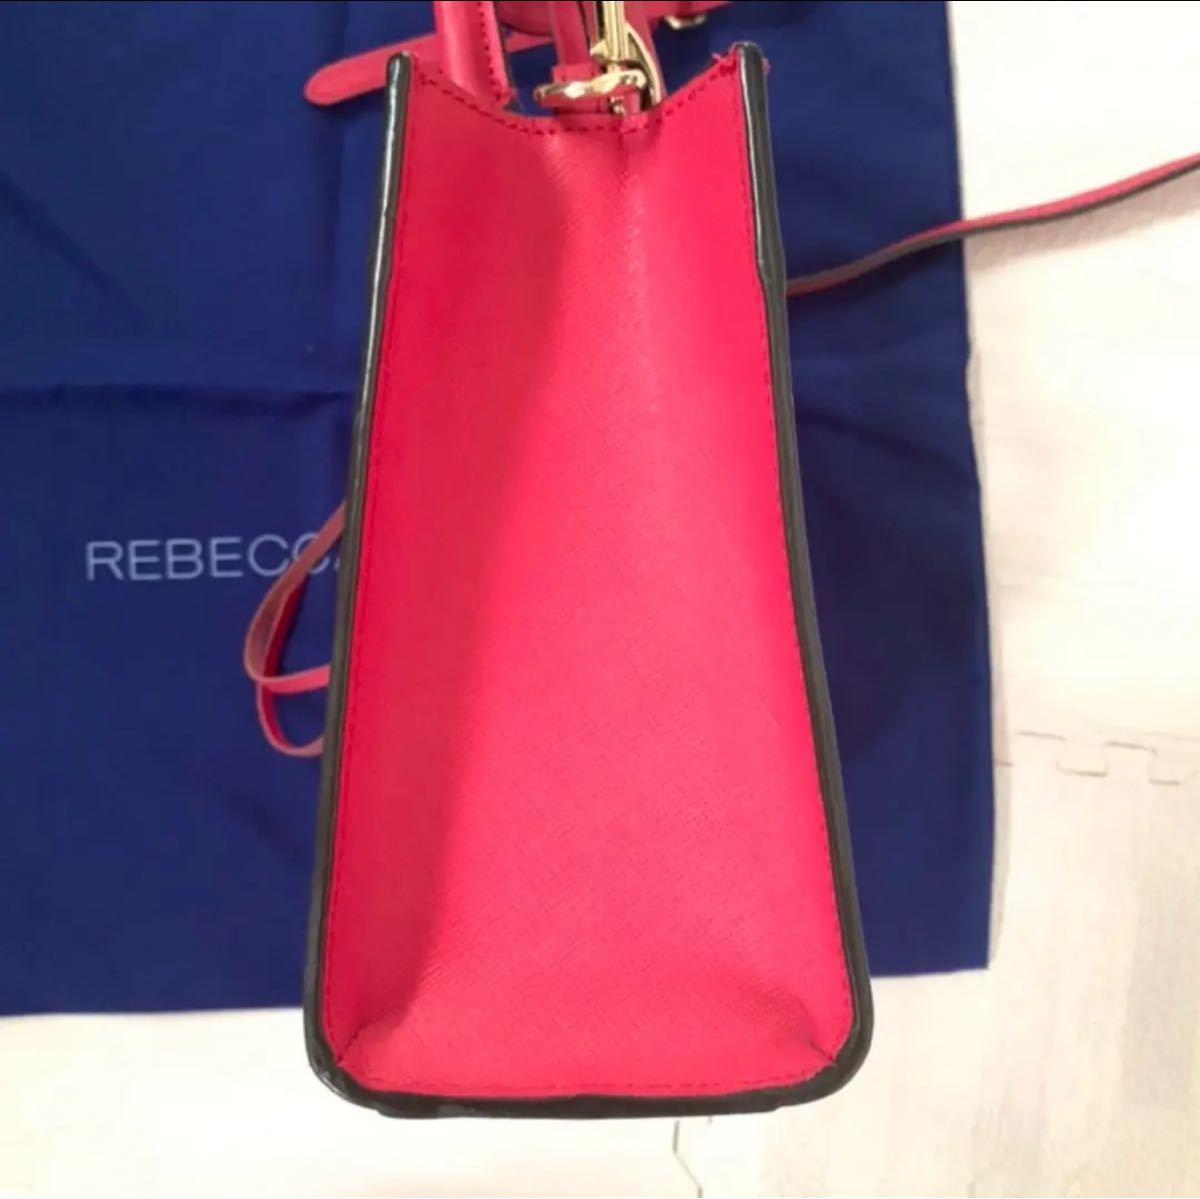 ミニショルダーバッグ レベッカミンコフ 美品 斜めがけショルダーバッグ